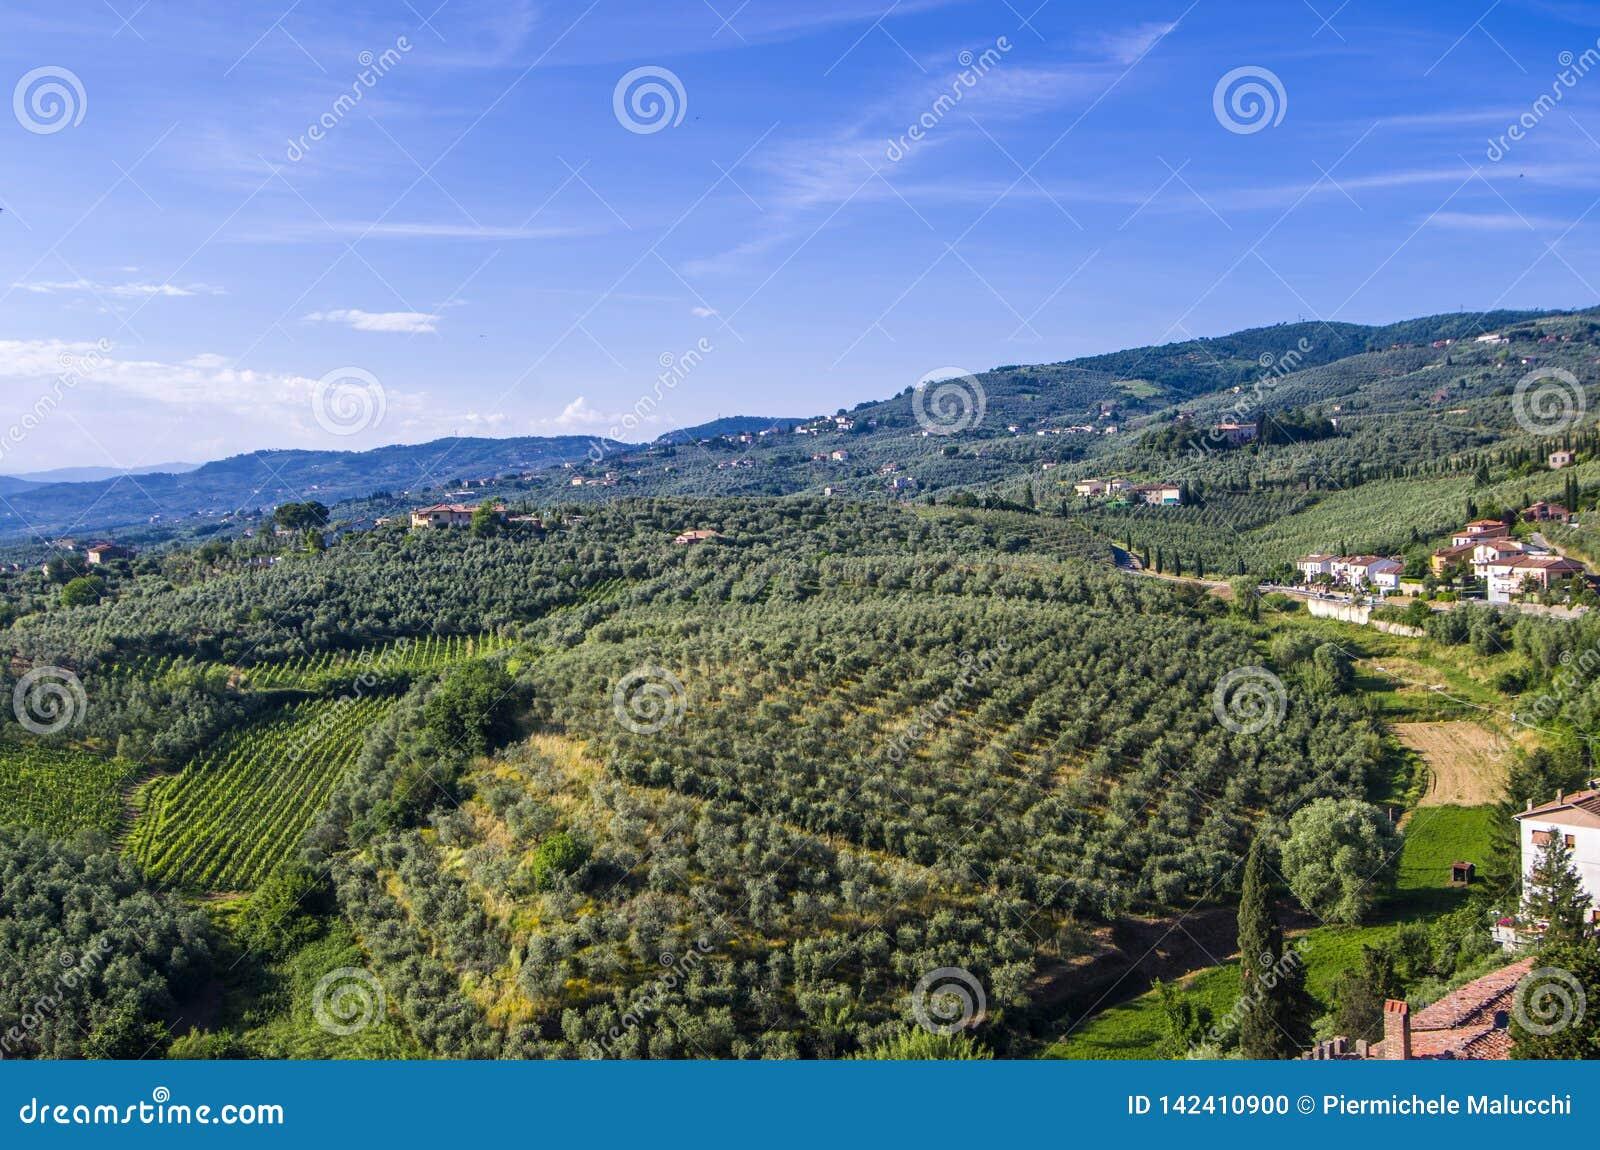 Campagne toscane avec des vignobles, des oliviers, des bois, des fermes et la ville